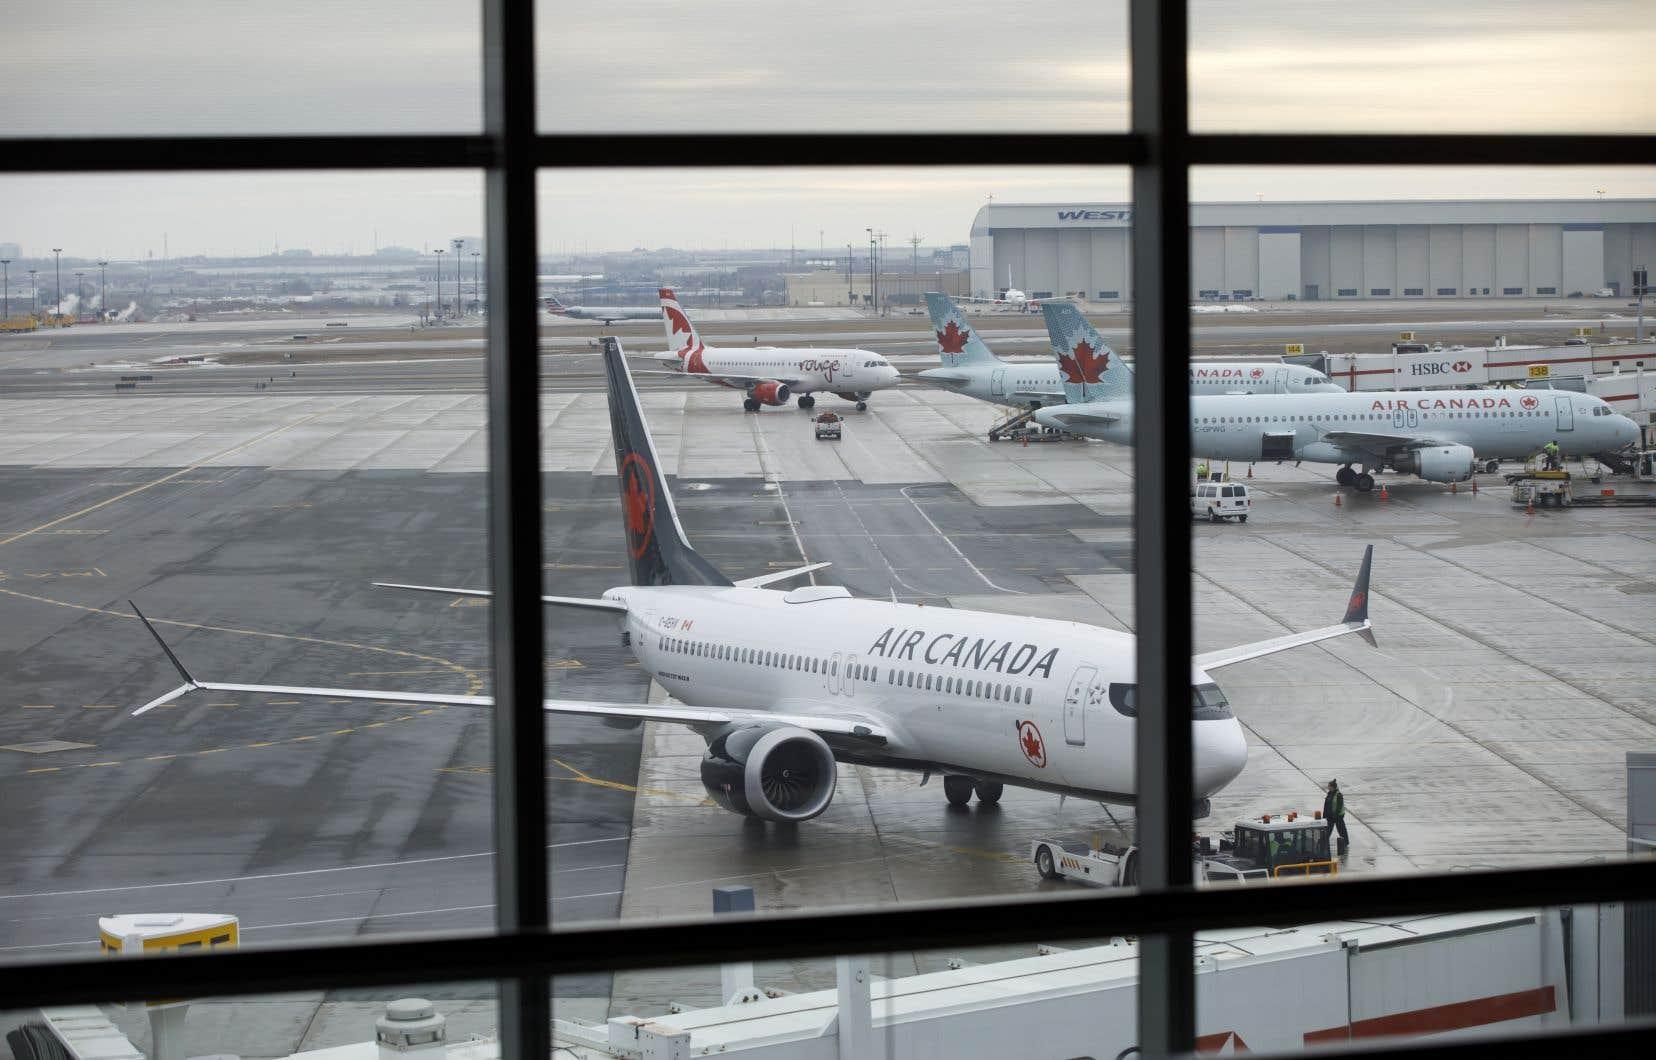 Depuis que le MAX 8 a été immobilisé,Air Canada a mis à jour son calendrier du mois de mai pour optimiser son parc aérien et réacheminer ses clients.